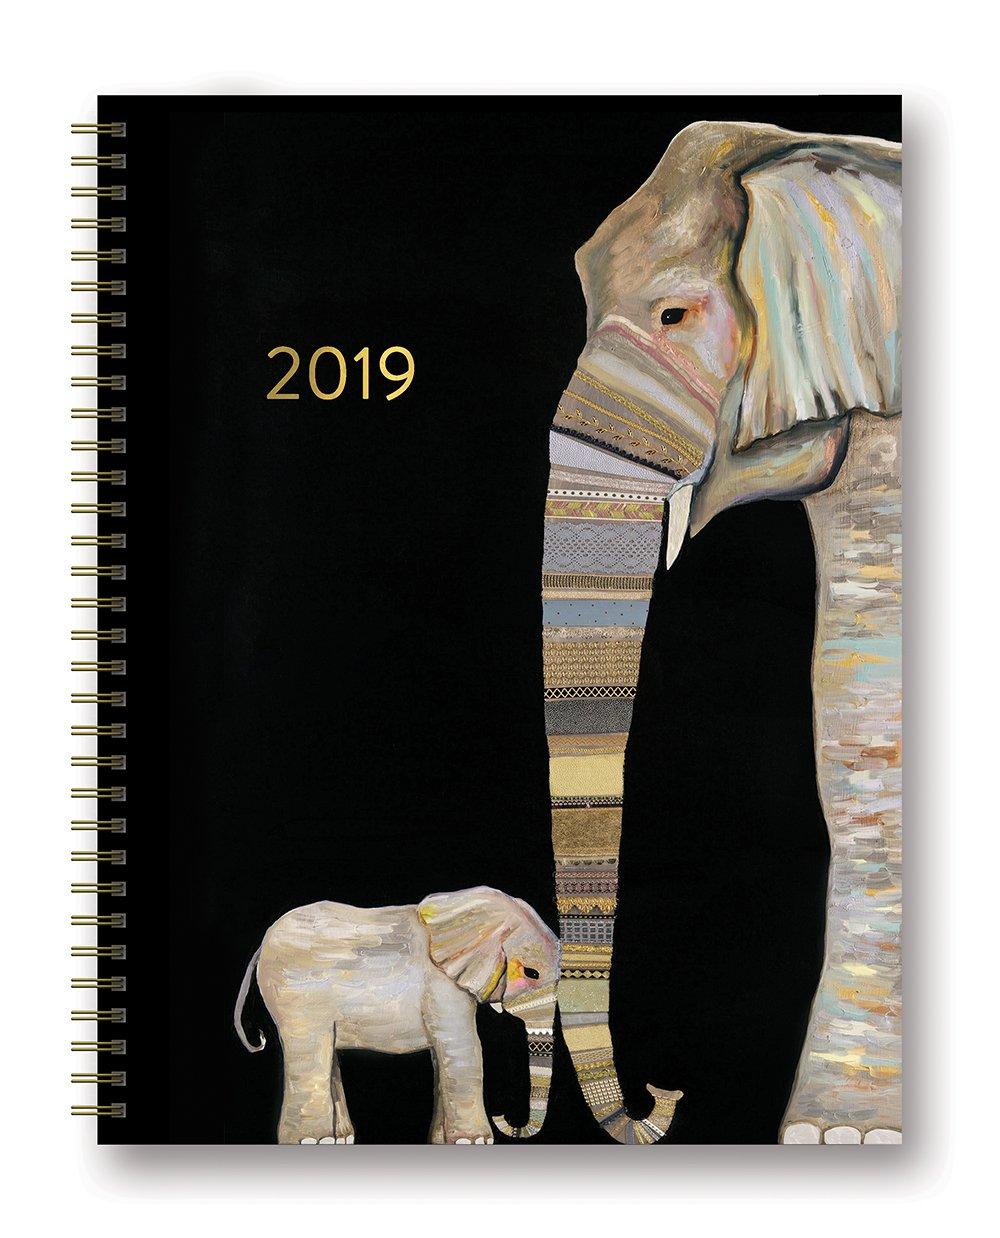 Orange Circle Studio 2019 Extra Large Spiral Planner, August 2018 - December 2019, Jose Donkey 19651